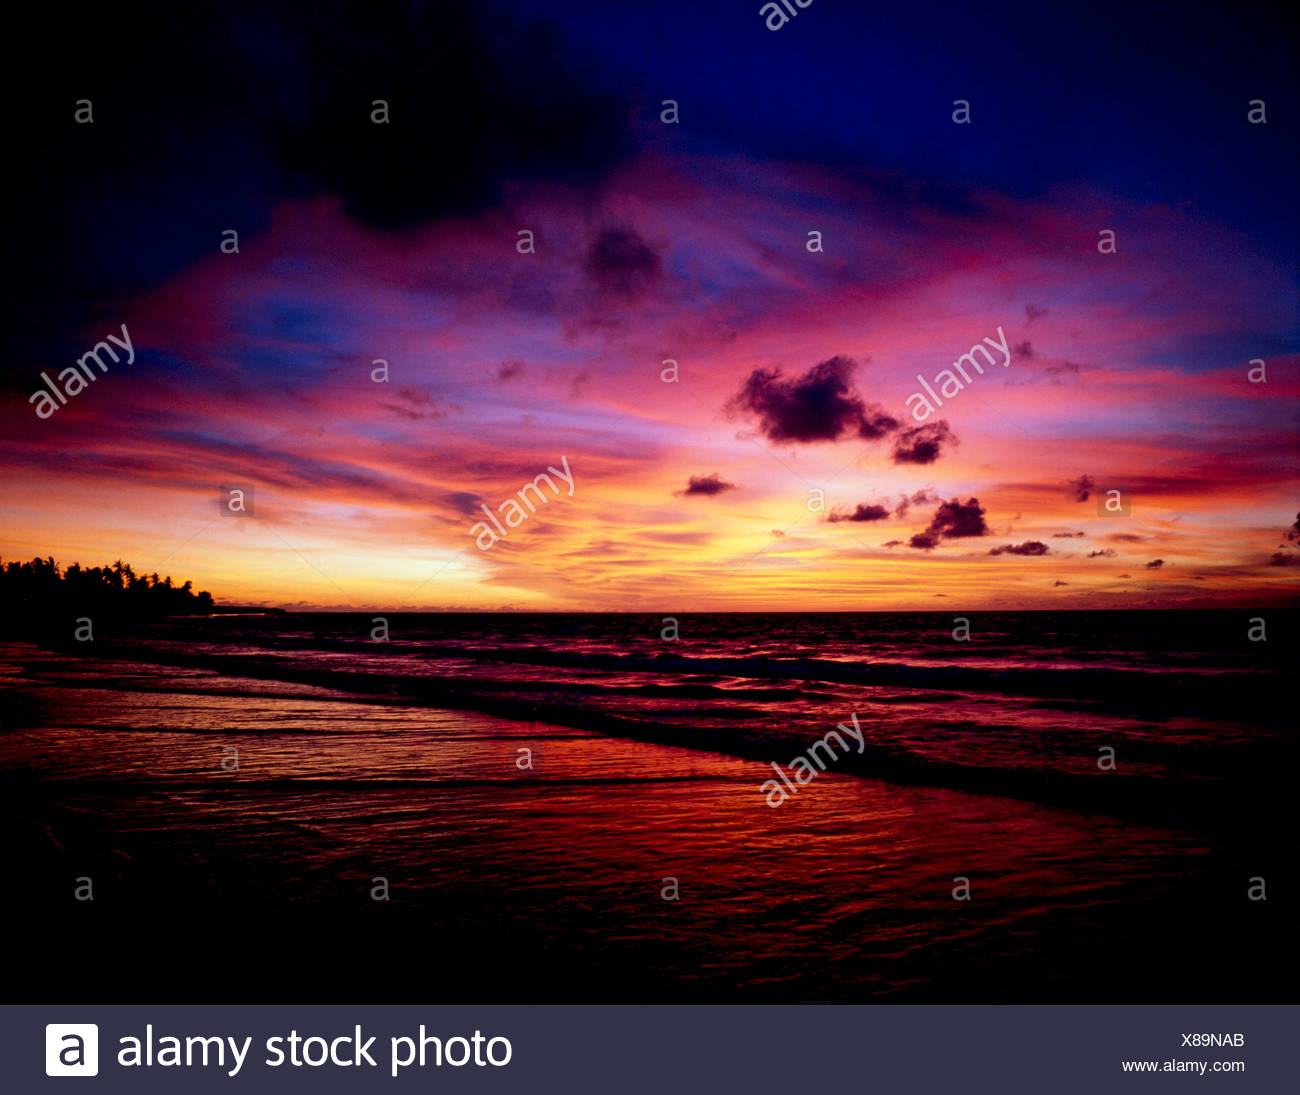 La spiaggia di kuta beach al tramonto,Bali, Indonesia Foto Stock